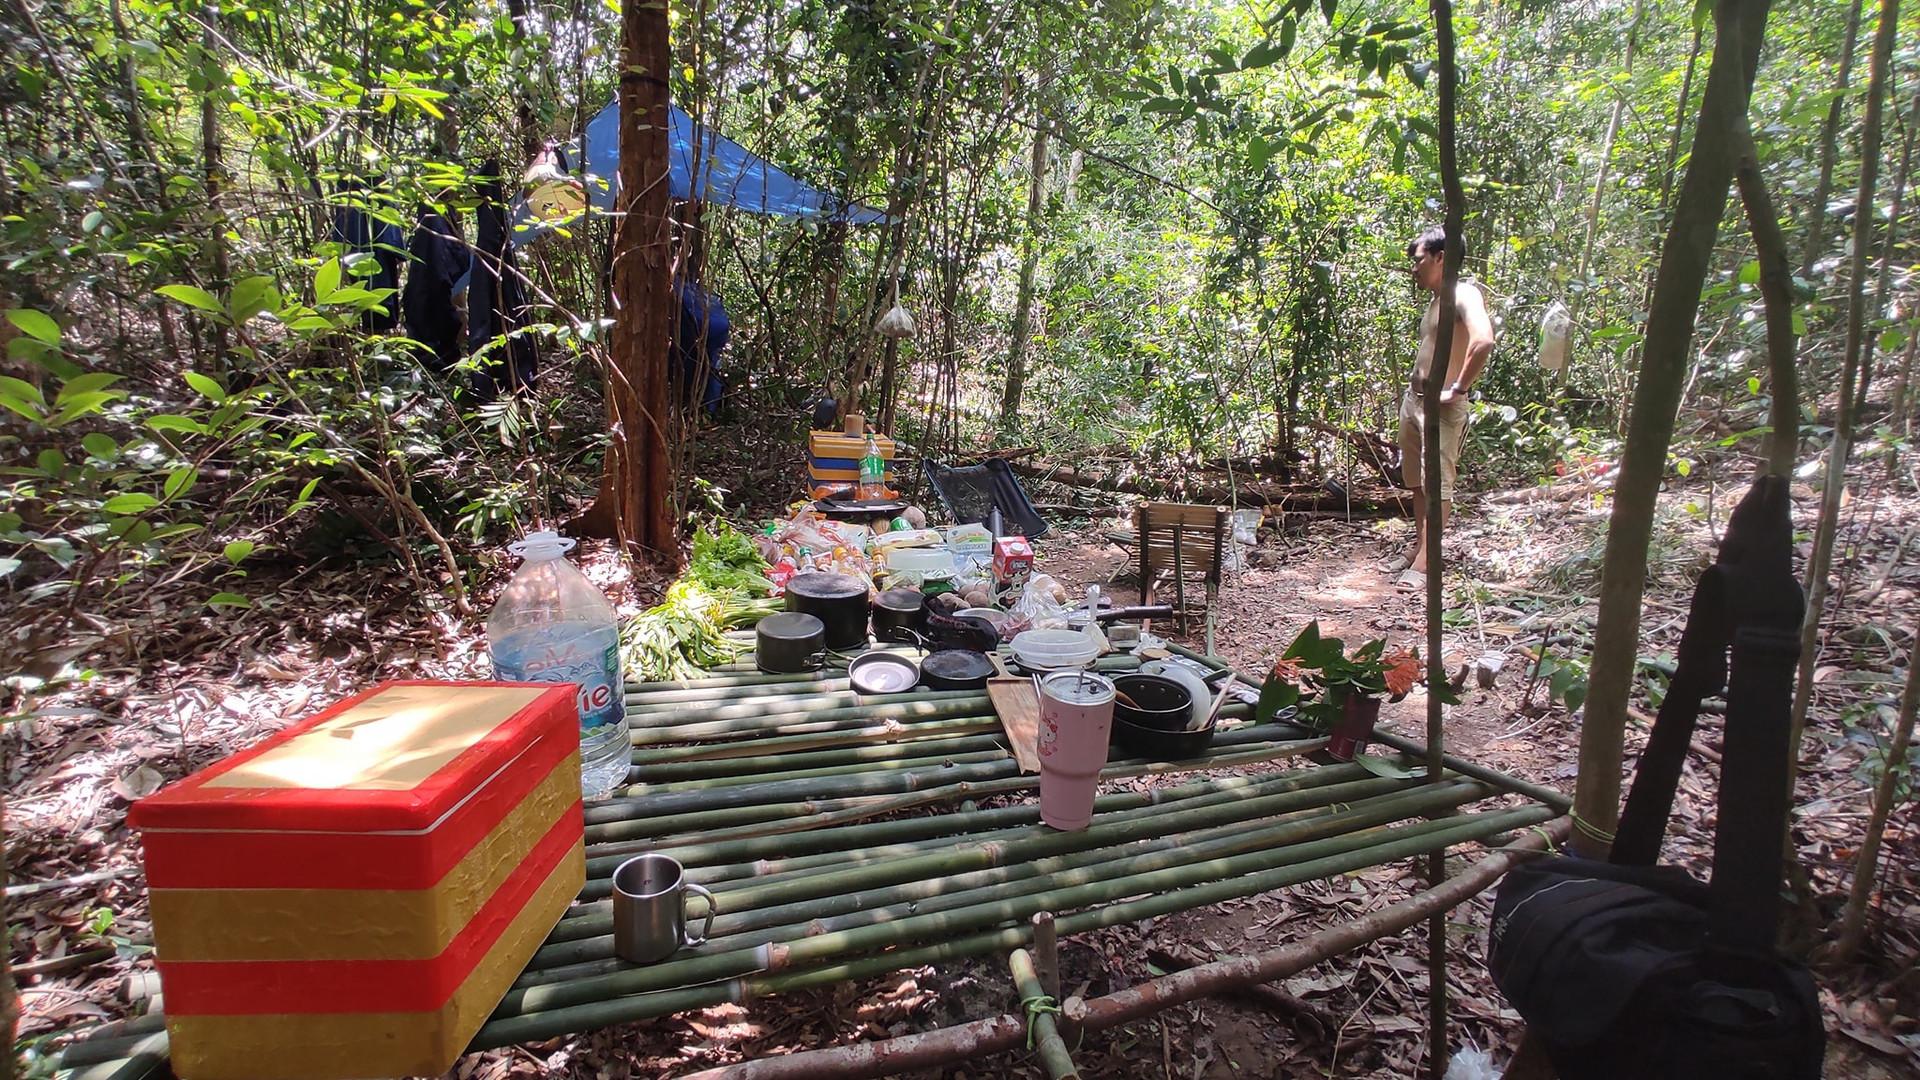 Câu chuyện của nhóm bạn cắm trại trong rừng sâu trốn dịch Covid-19 - 2